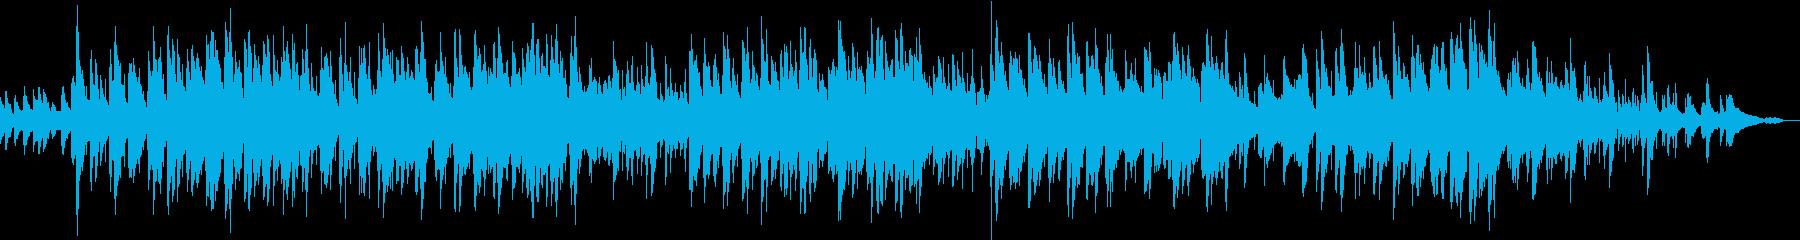 夕暮れをイメージした癒されるピアノ曲の再生済みの波形